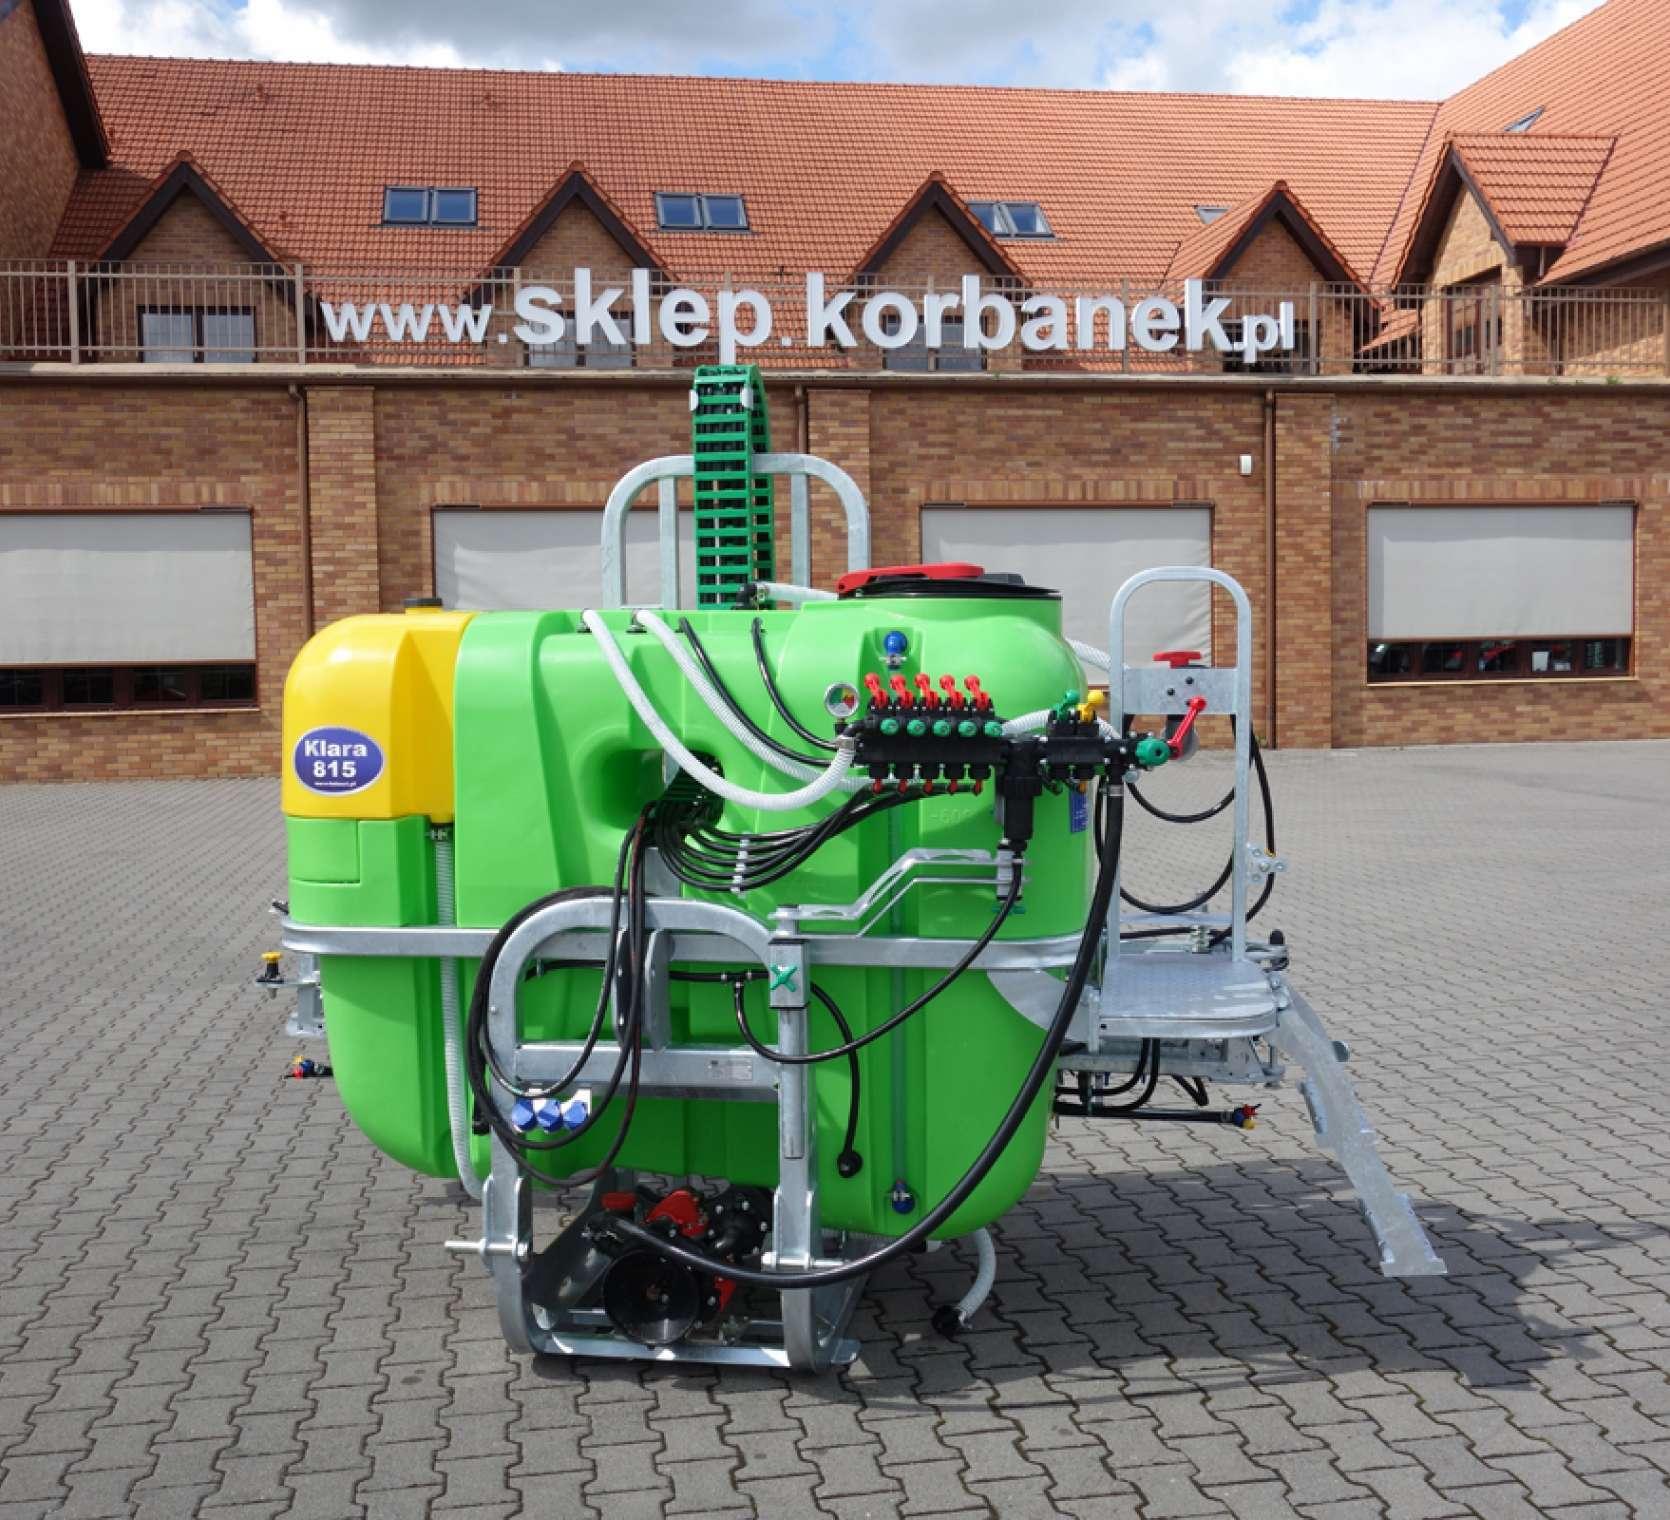 Opryskiwacz Tolmet Klara 815 stosowane przy ochronie chemicznej i nawożeniu roślin uprawnych